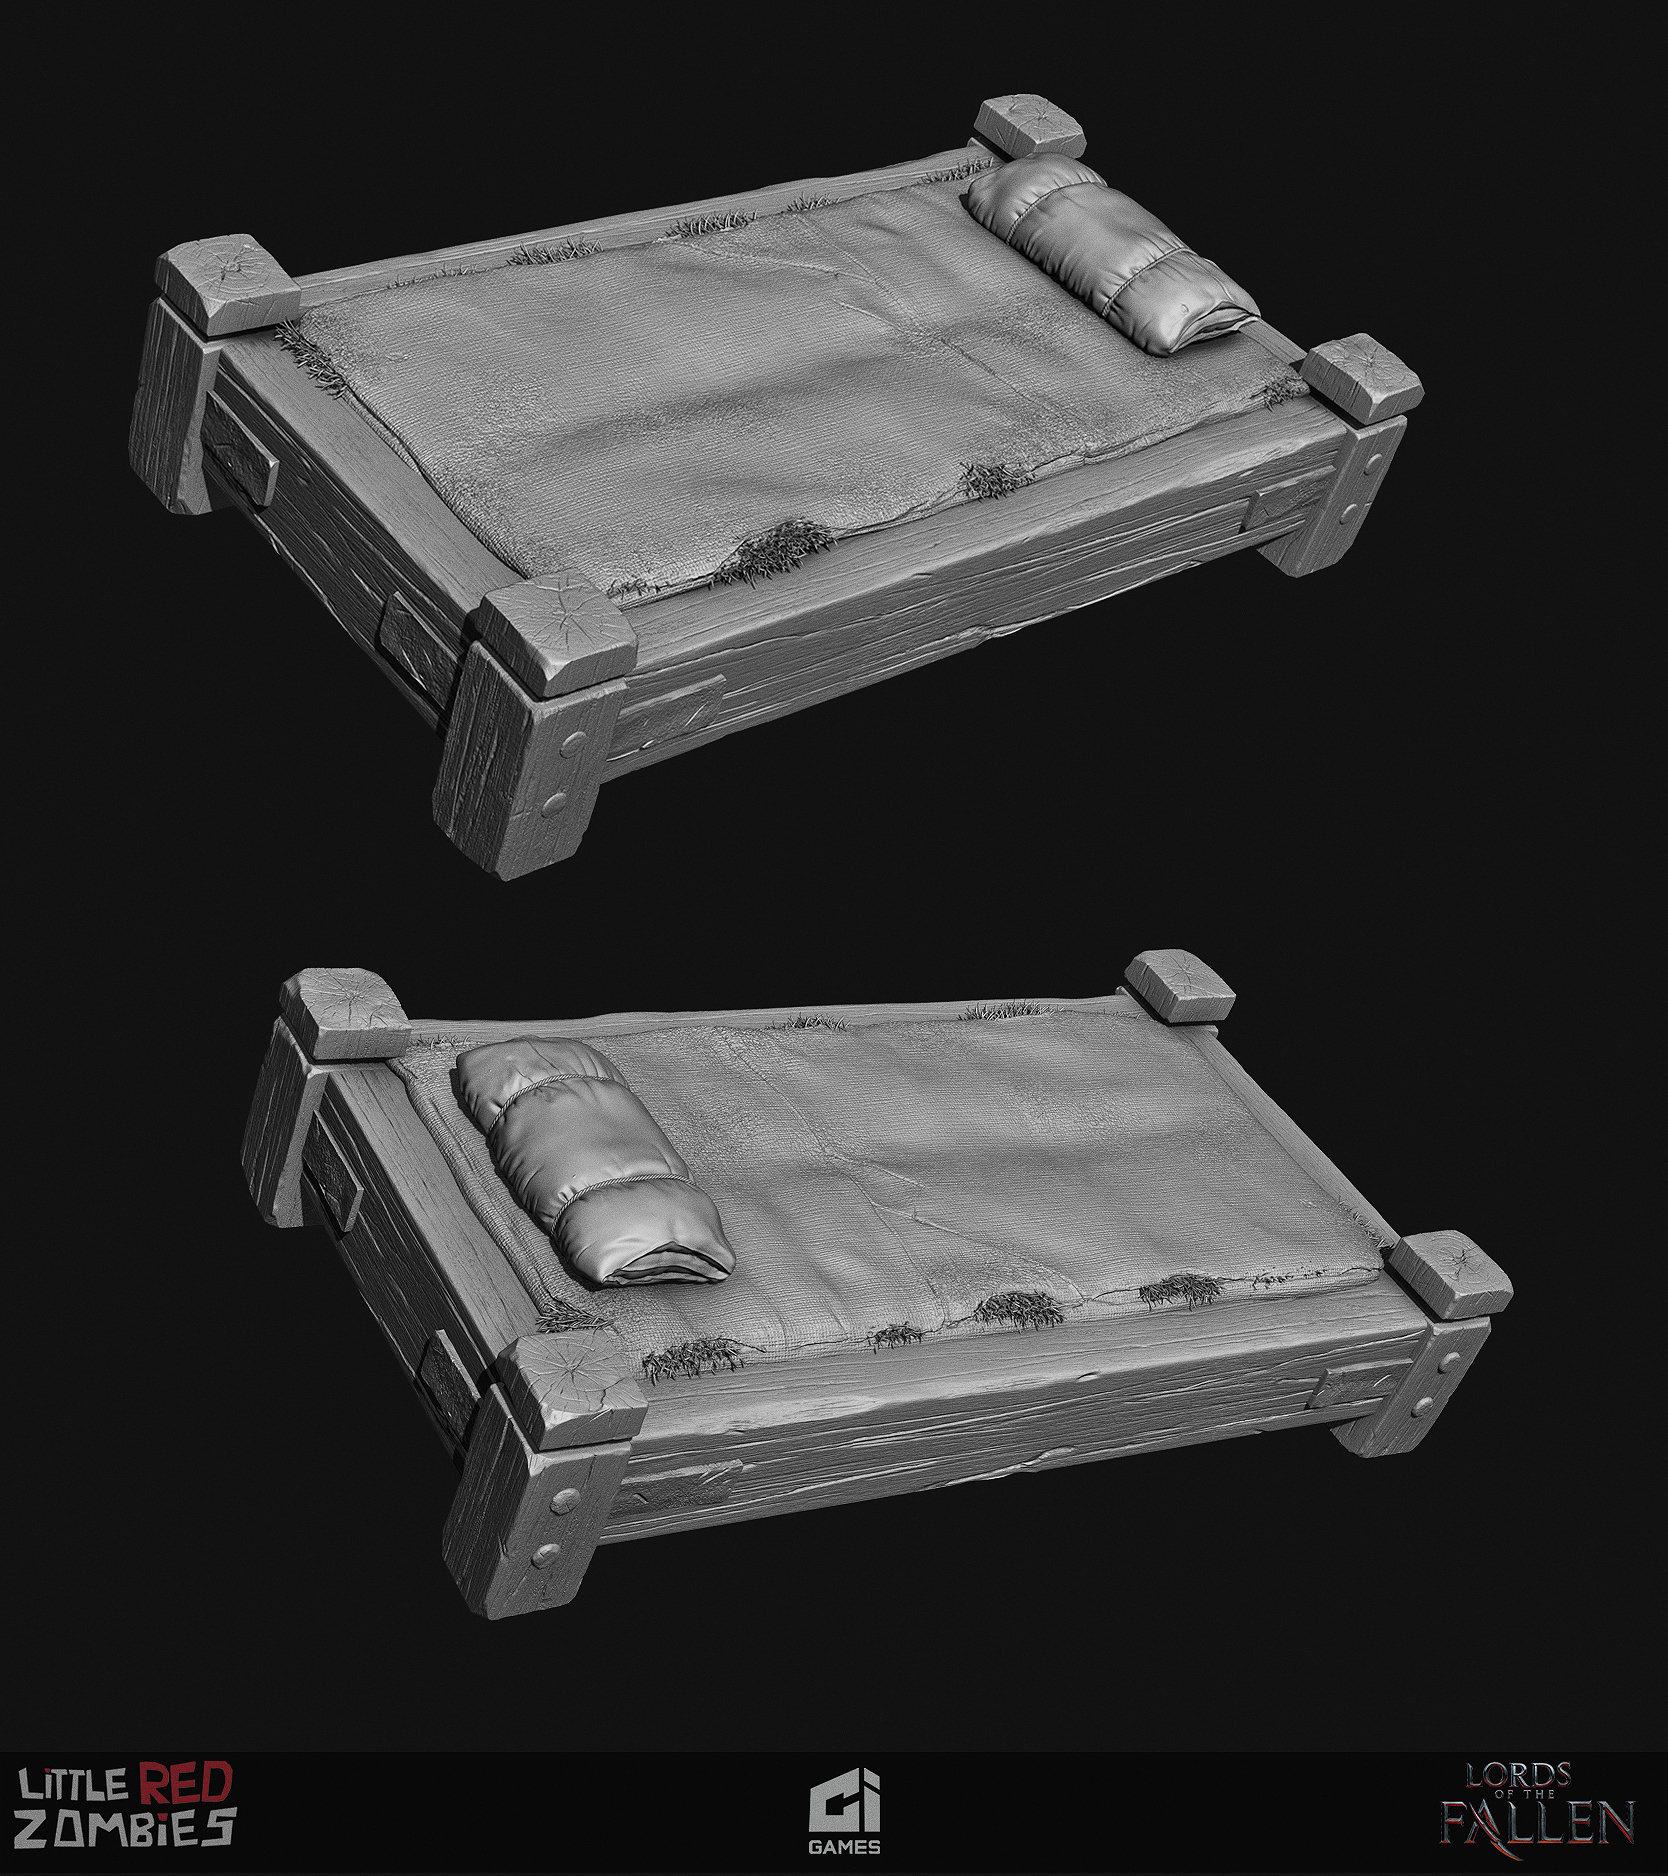 Vimal kerketta bed renders highpoly